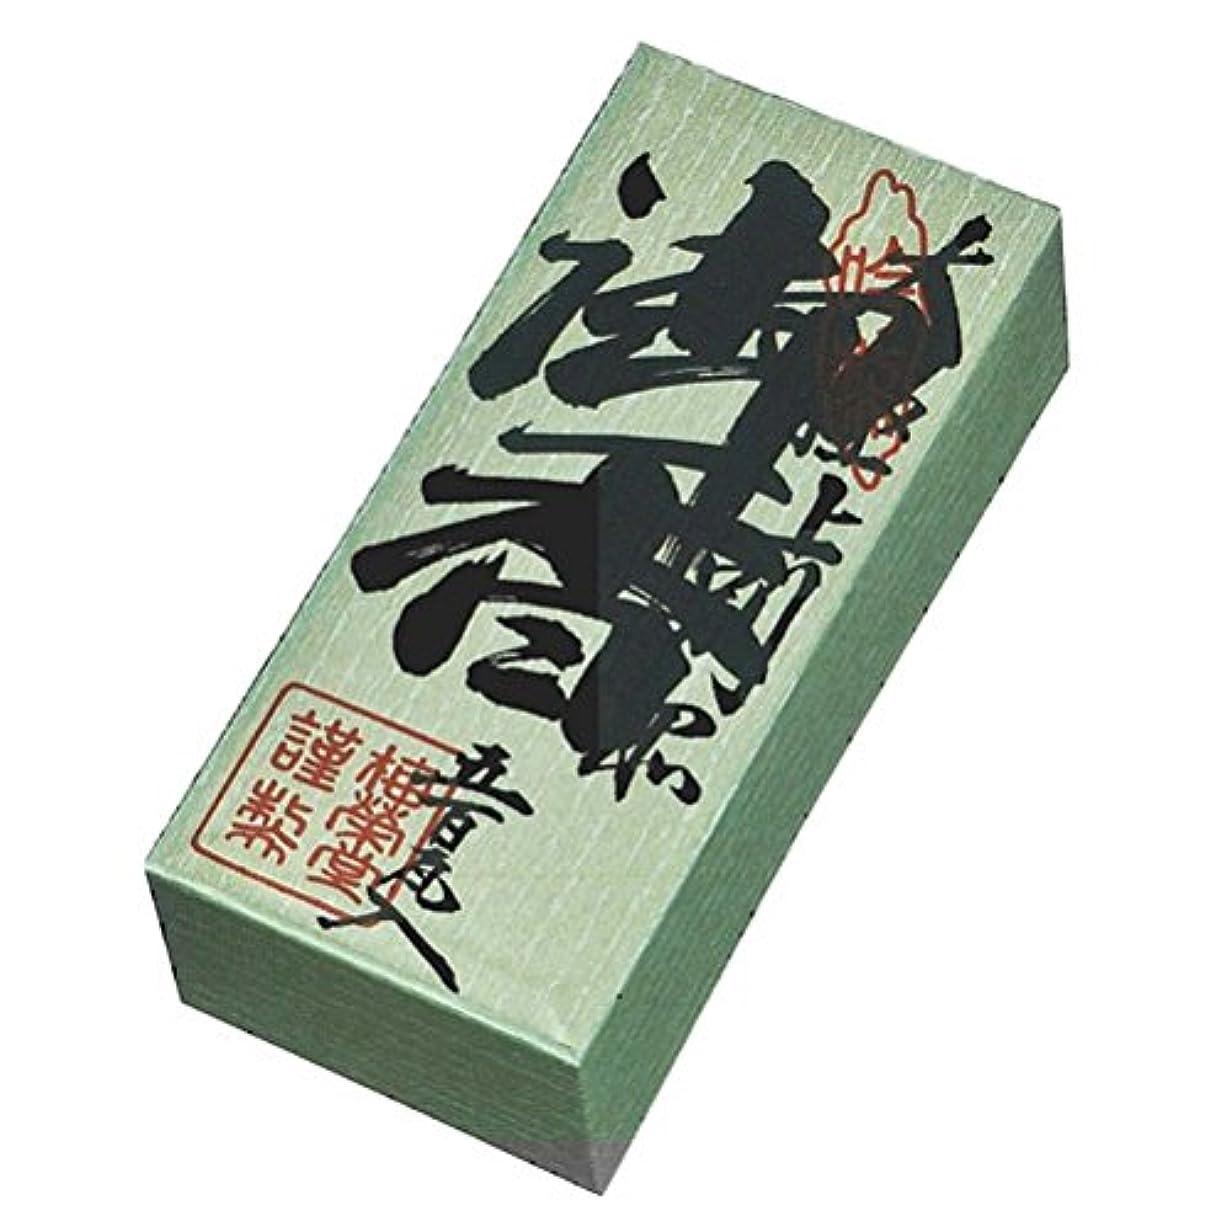 恐怖浸食圧縮された特撰崇徳印 500g 紙箱入り お焼香 梅栄堂